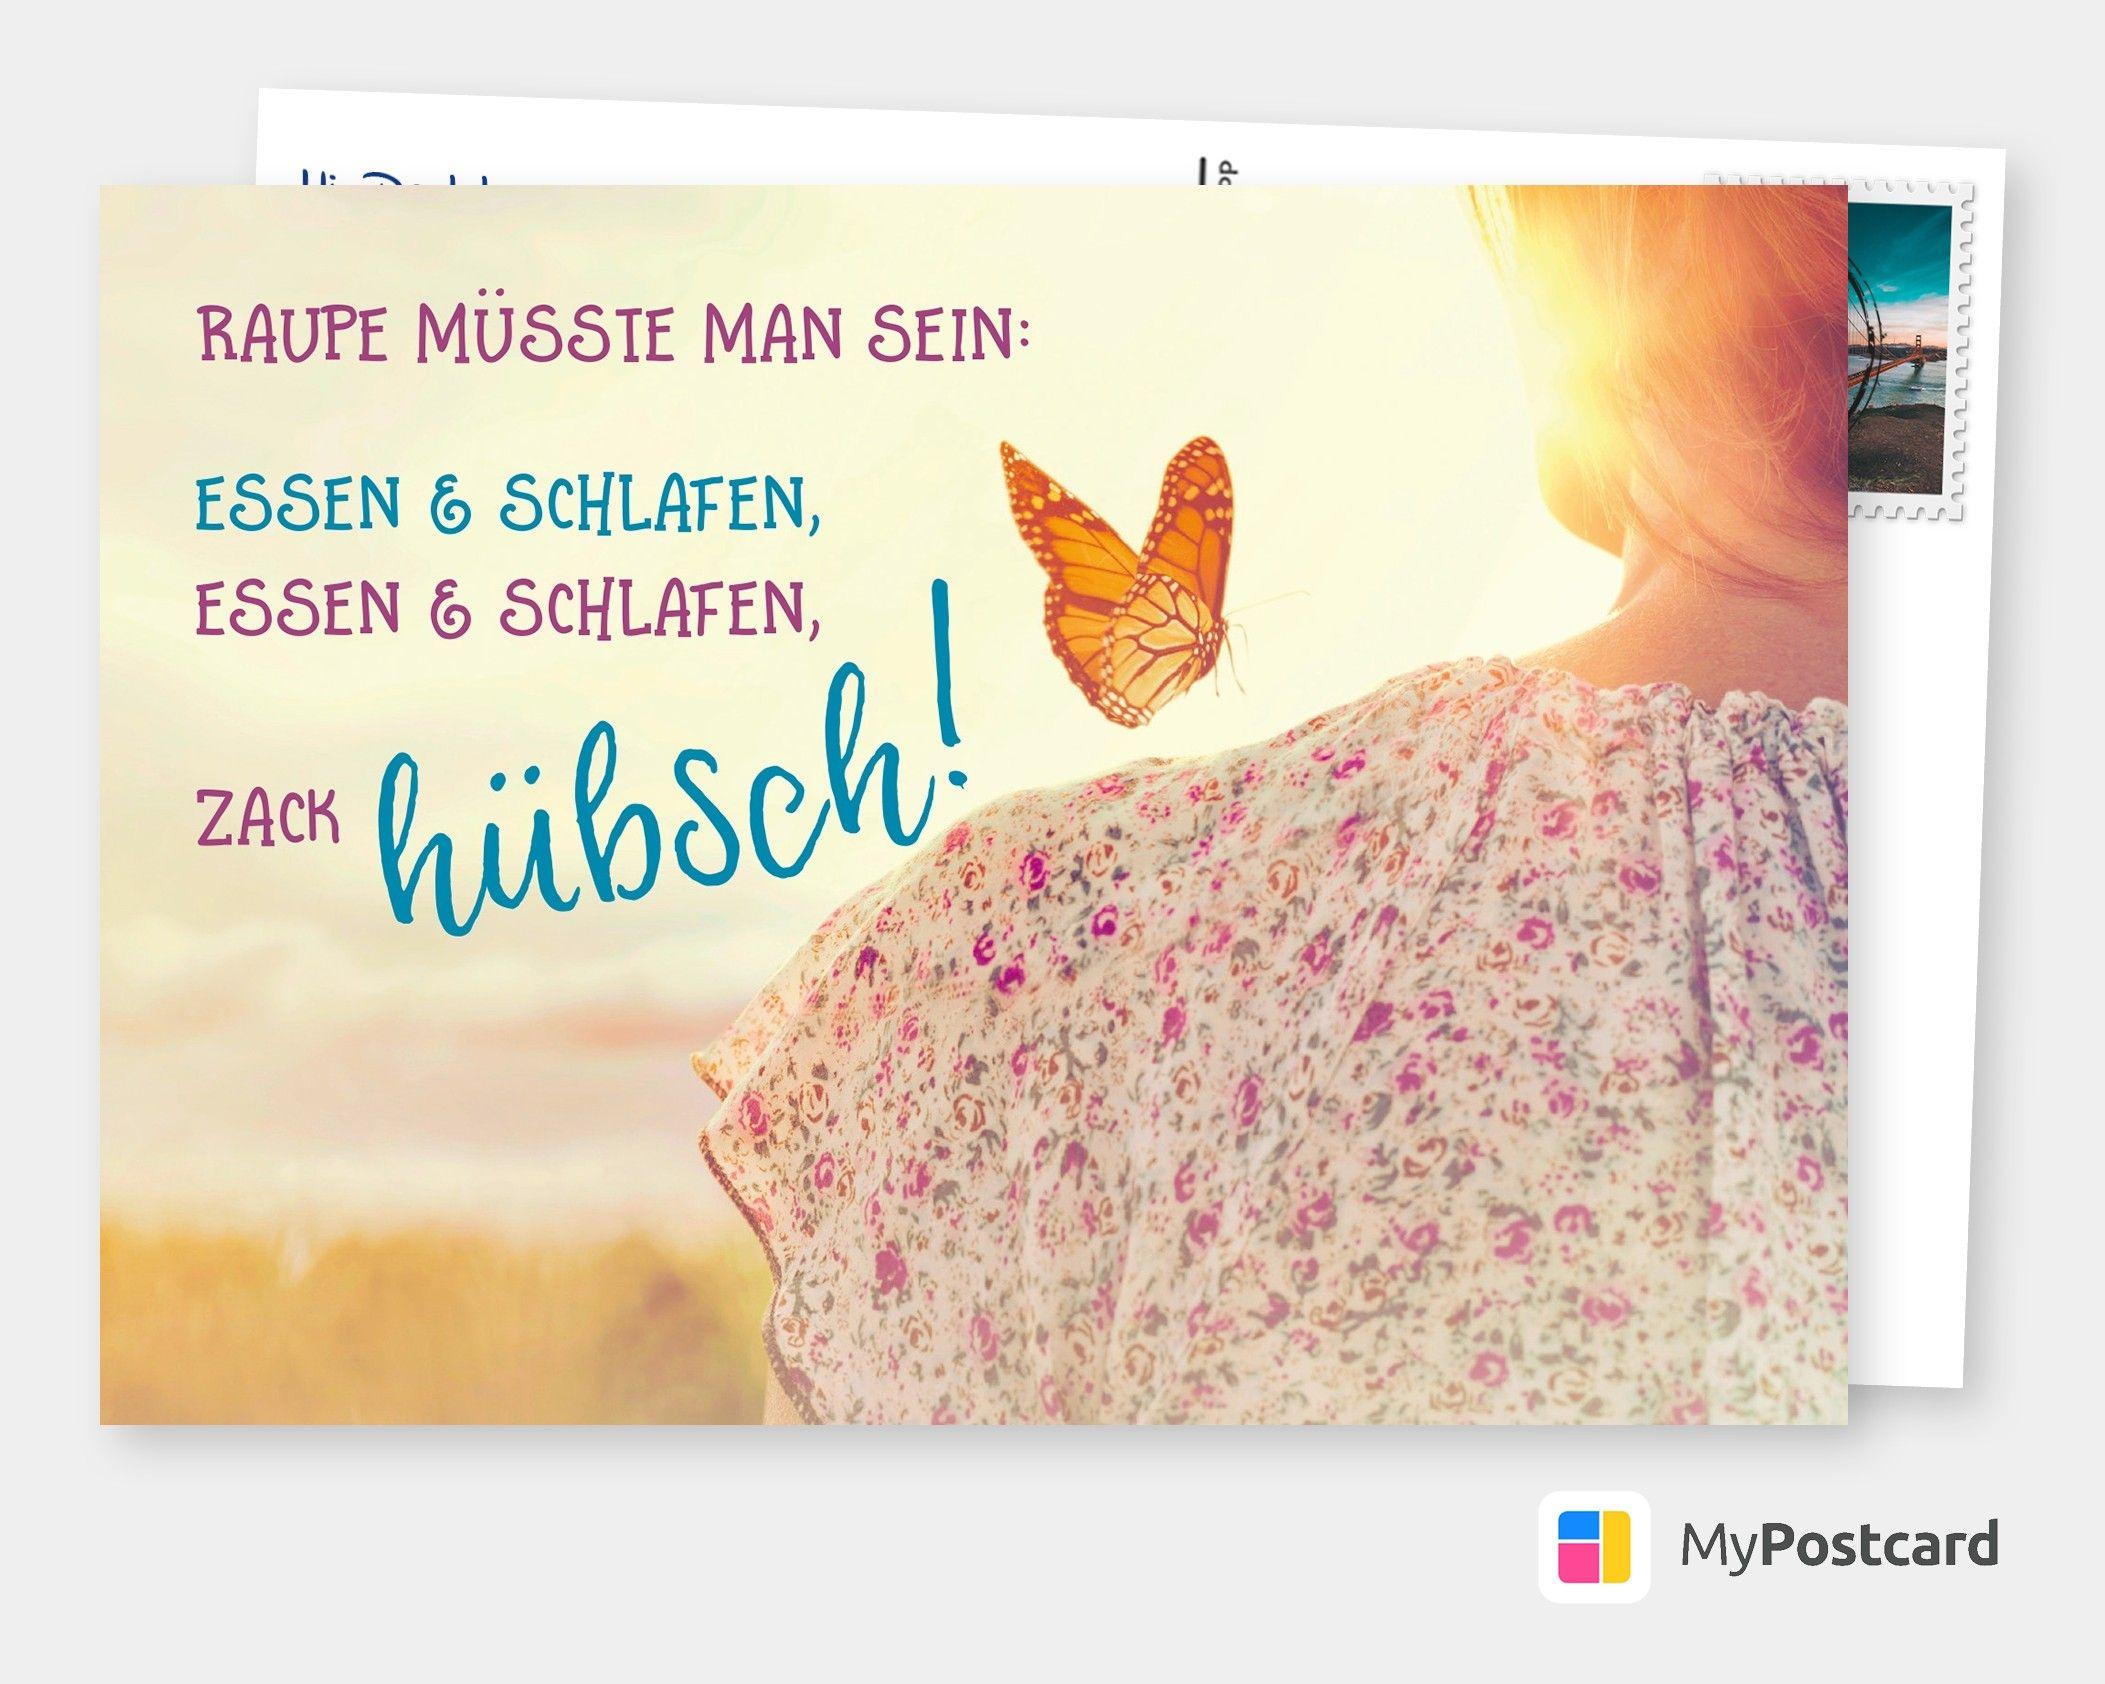 Postkarte Spruche Humor Wer Schon Sein Will Muss Lachen